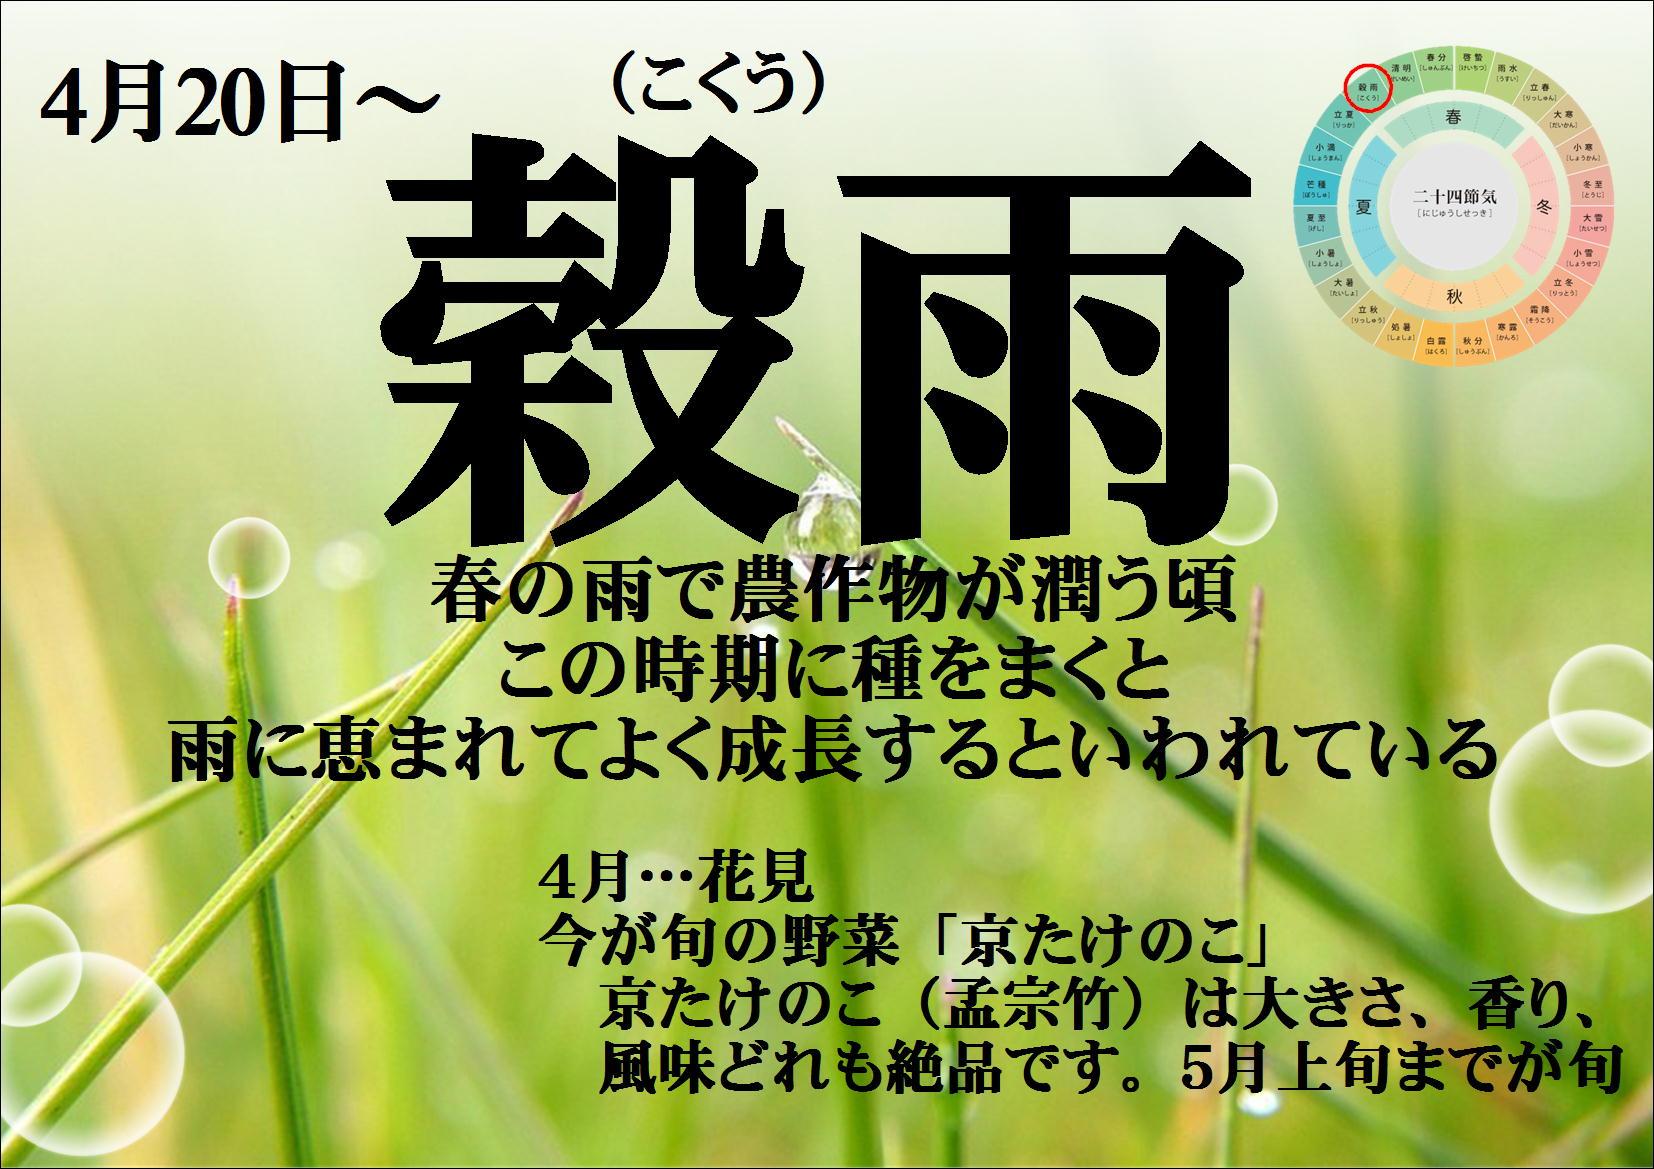 4/20(金)~5/4(日)は「穀雨(こくう)」です